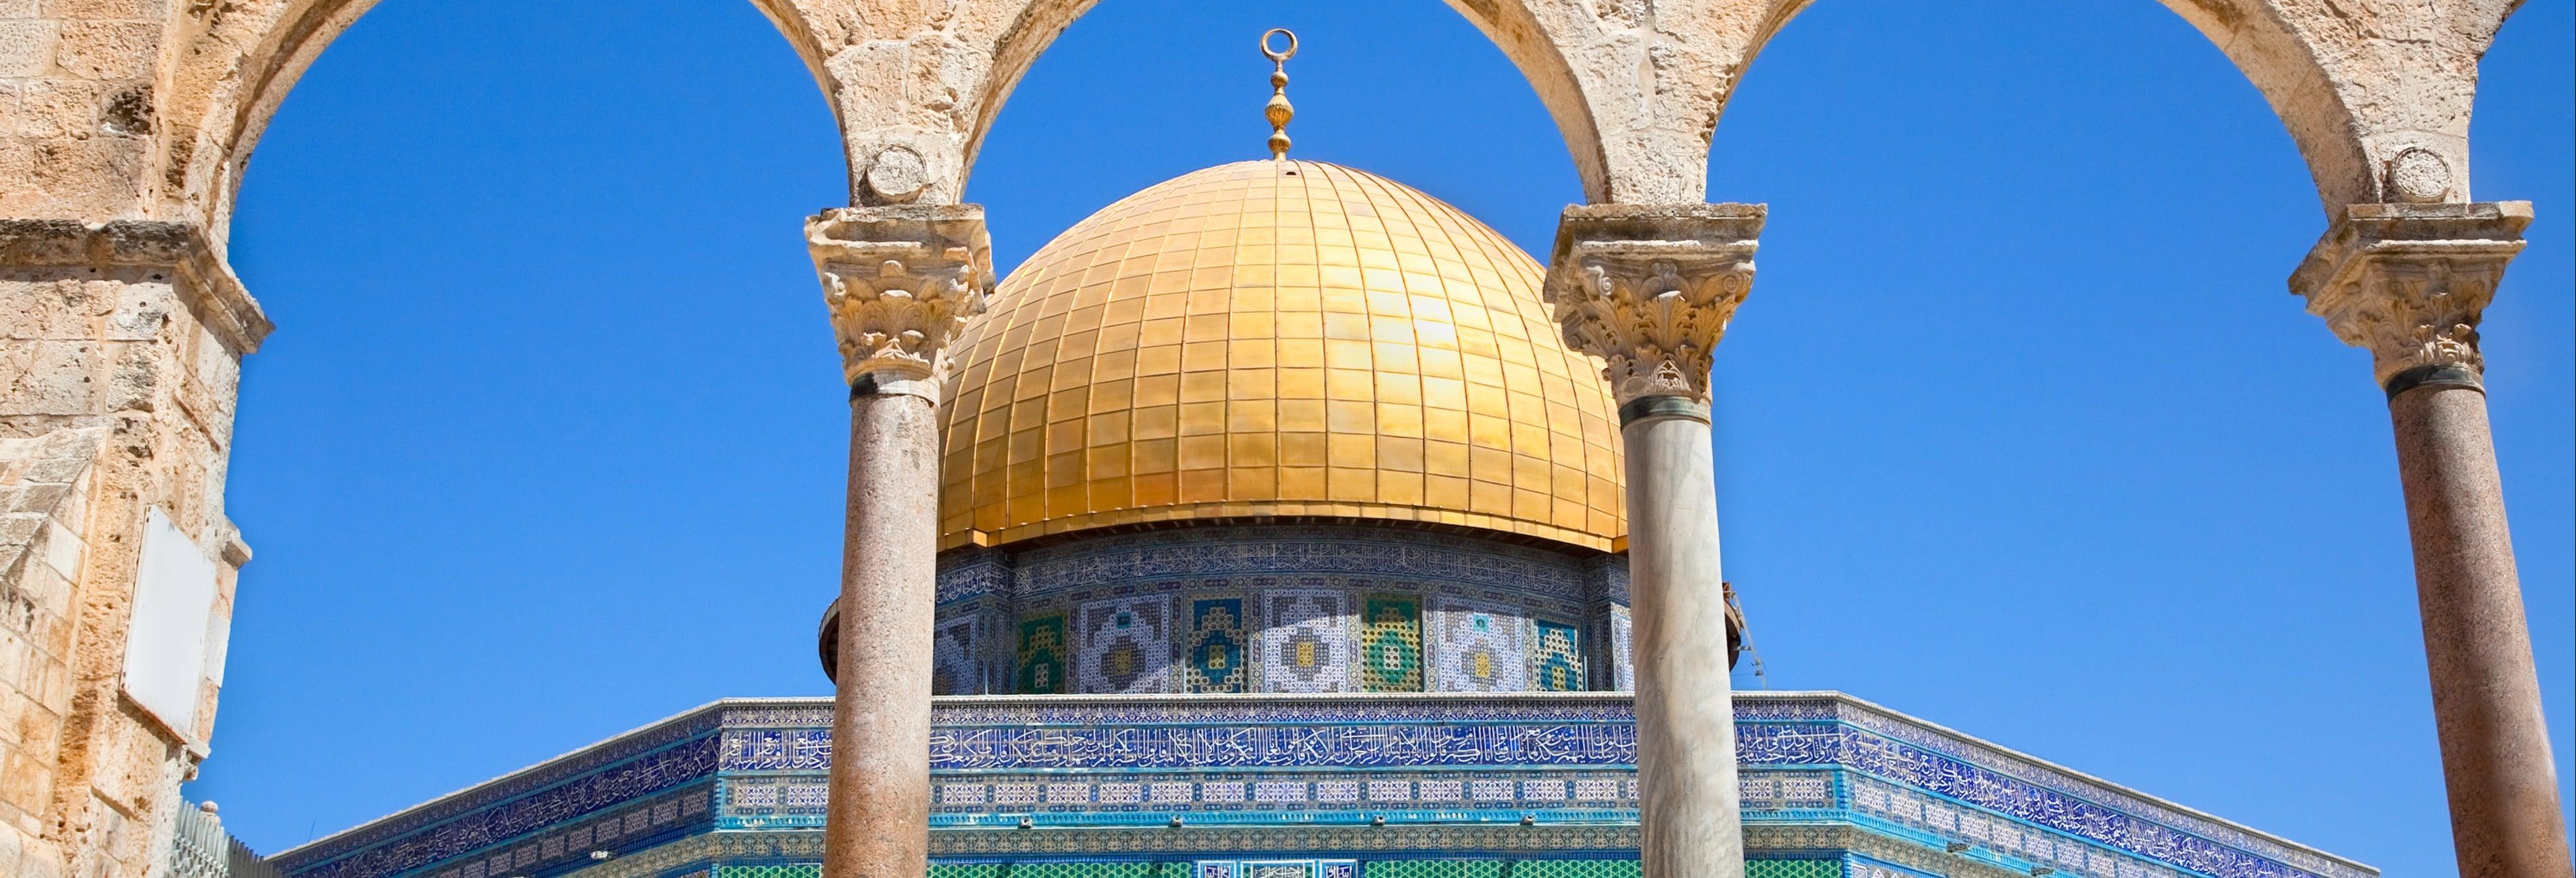 Visite de la ville sainte de Jérusalem